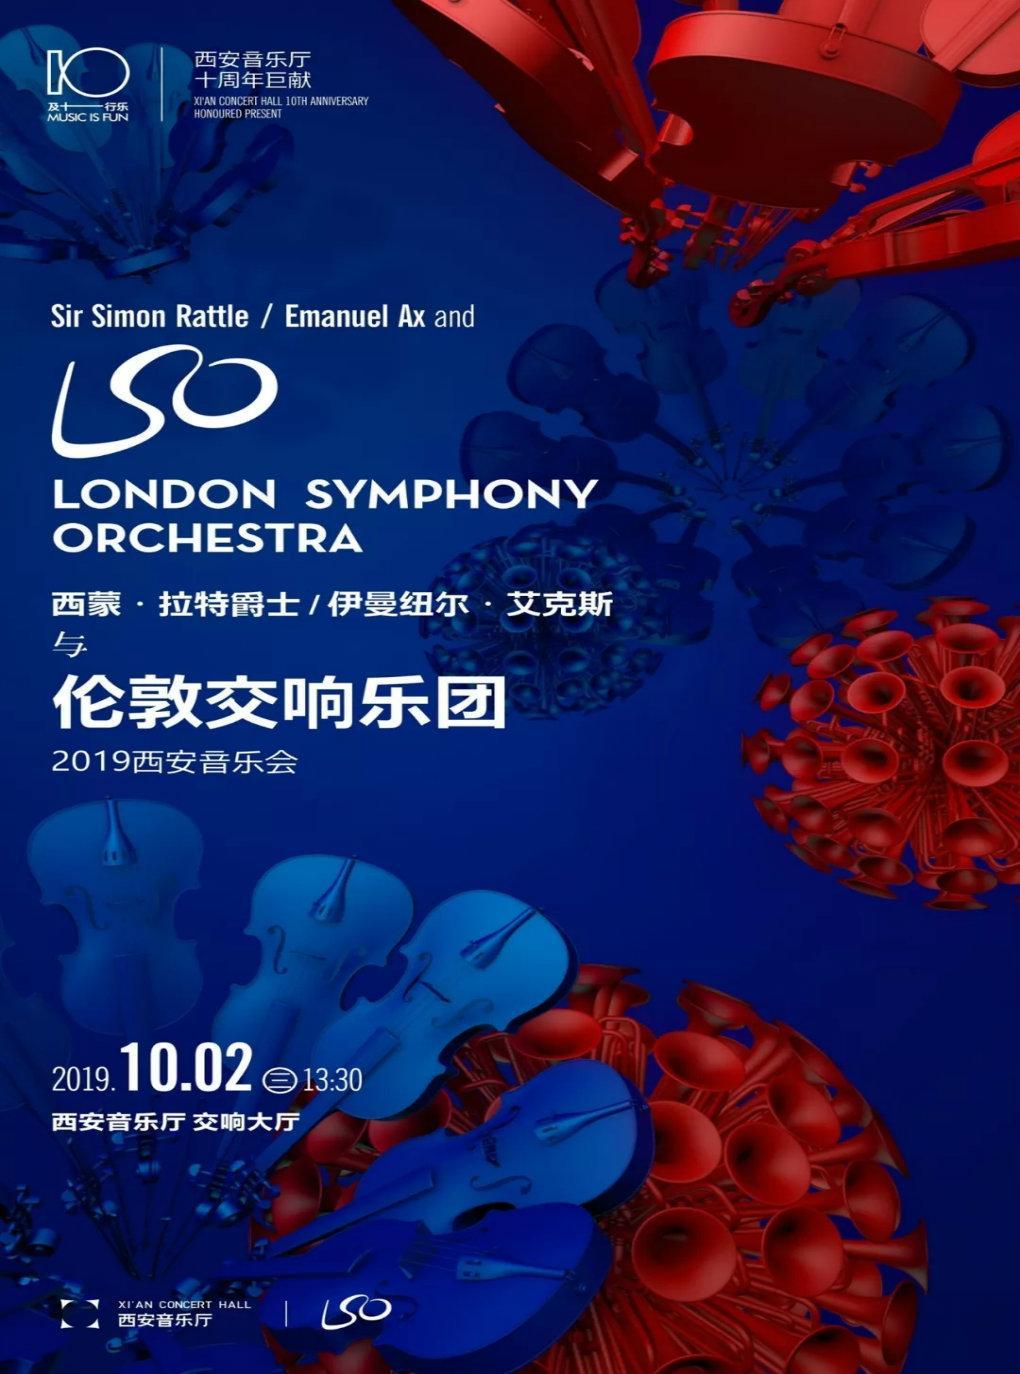 伦敦交响乐团 2019西安音乐会